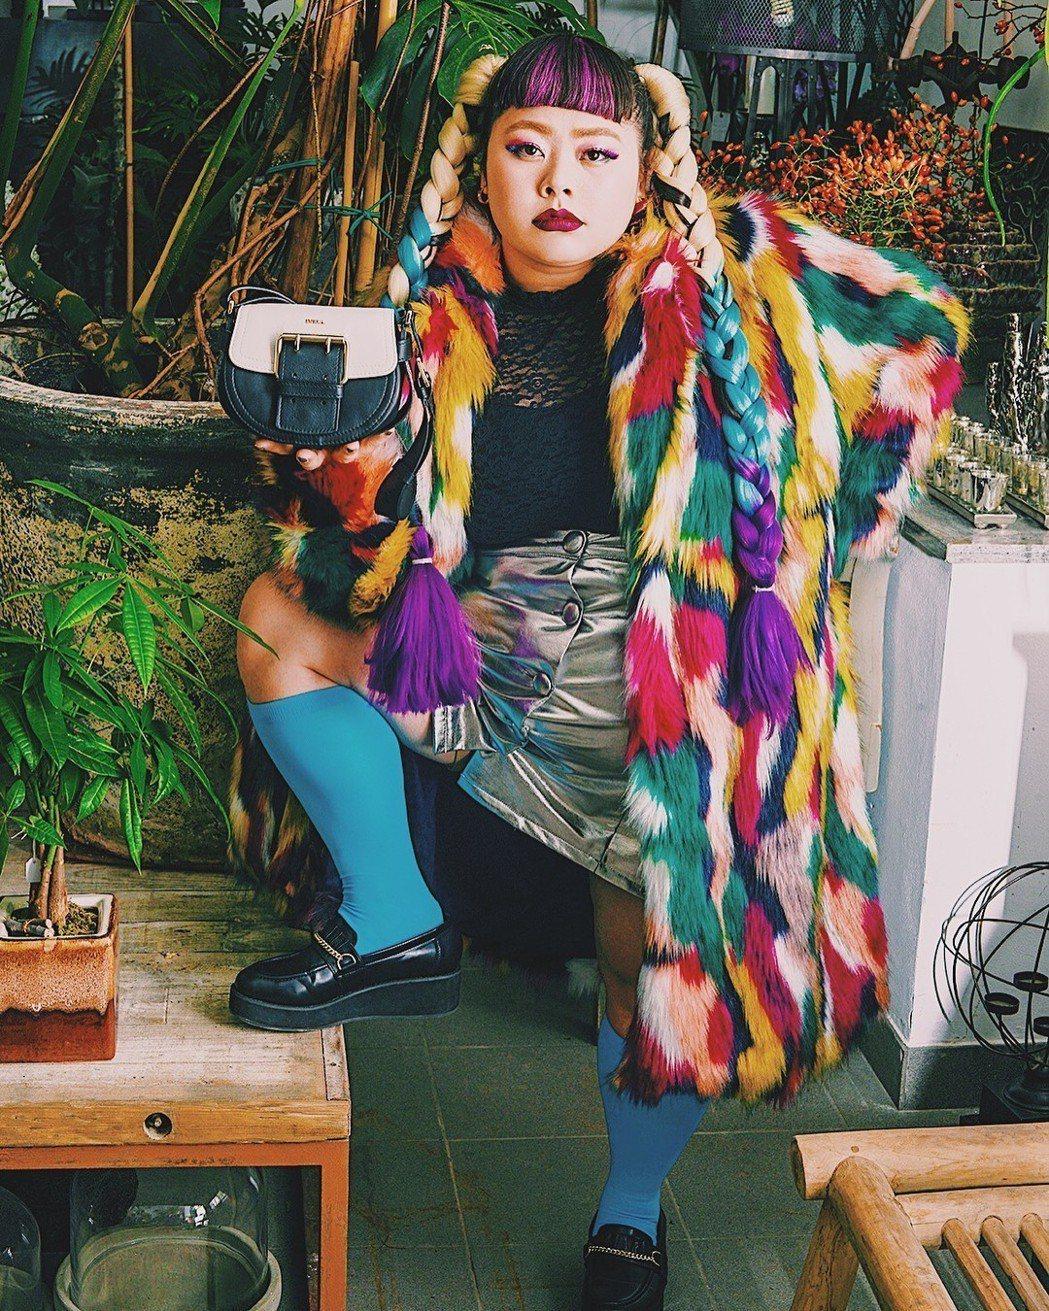 渡邊直美是日本知名諧星,強大氣場讓她深受時尚品牌喜愛。圖/摘自IG